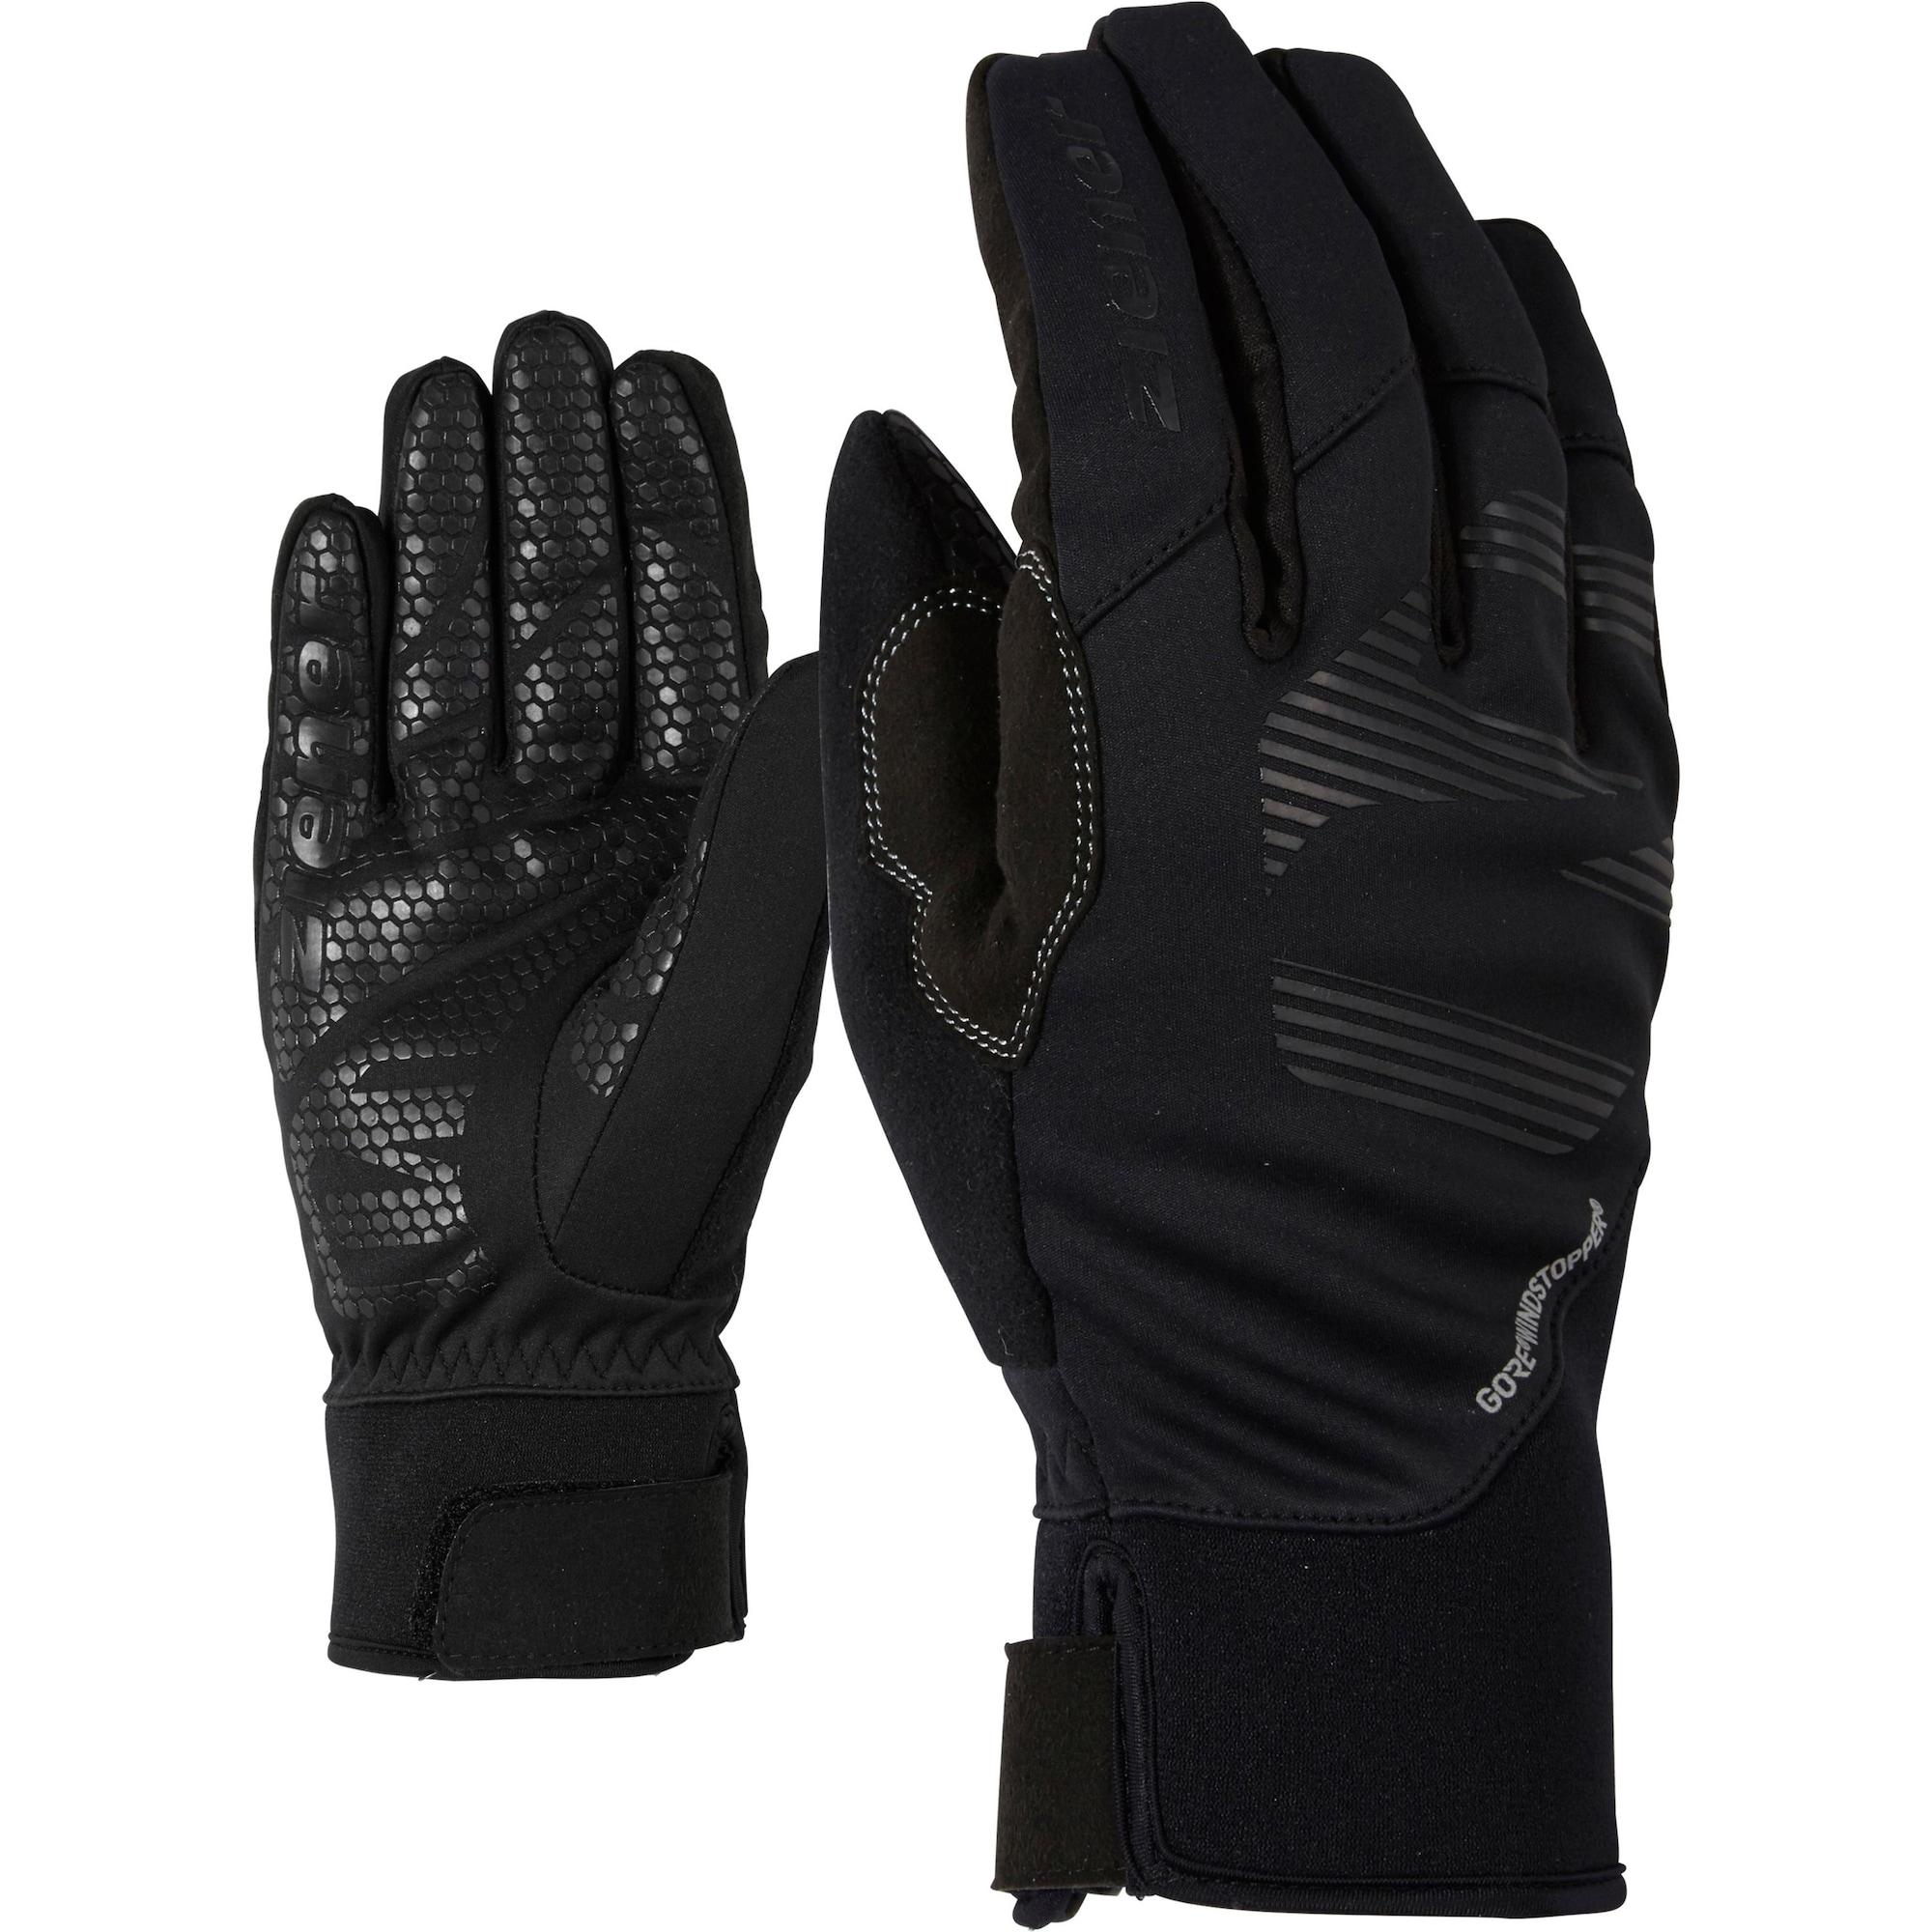 Fingerhandschuhe 'Ilko GTX INF Glove Multisport'   Accessoires > Handschuhe > Sonstige Handschuhe   ZIENER